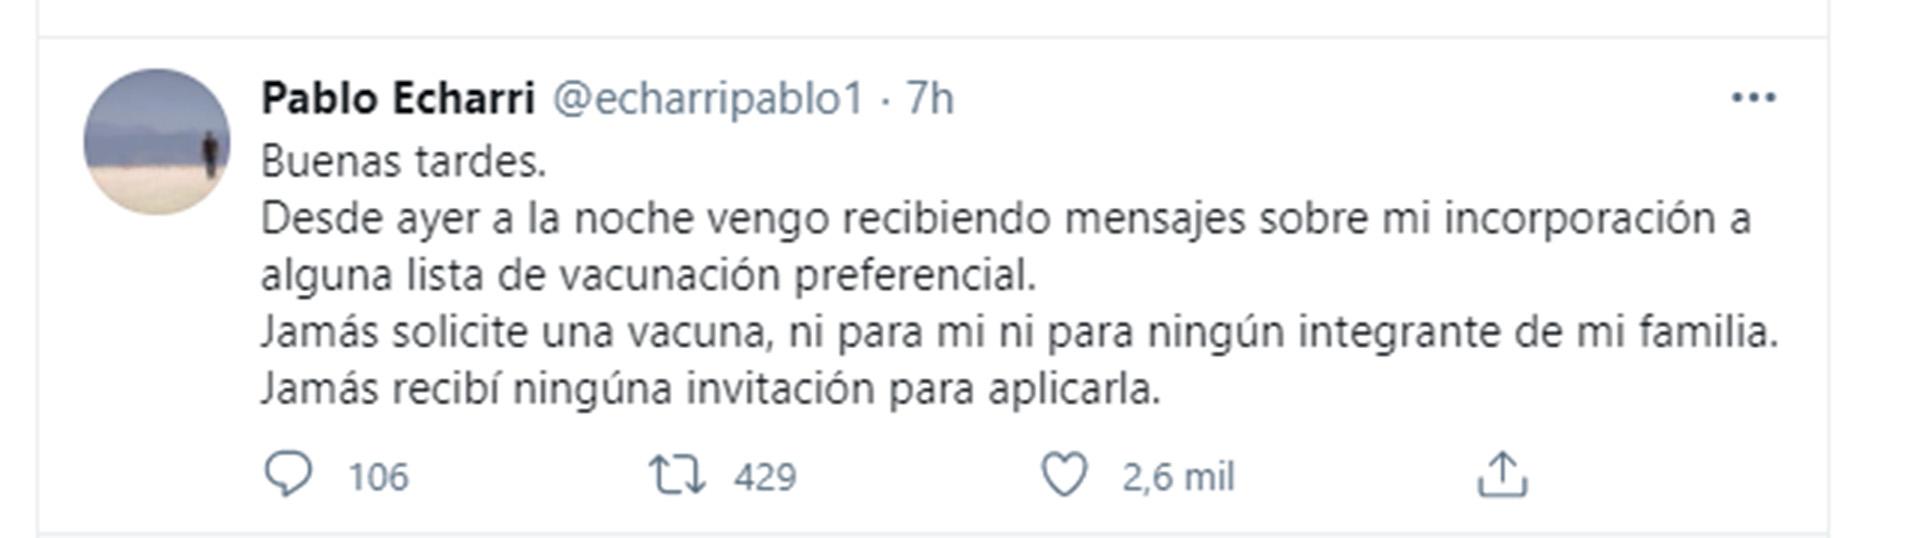 Pablo Echarri desmintió haber sido vacunado (Foto: Twitter)